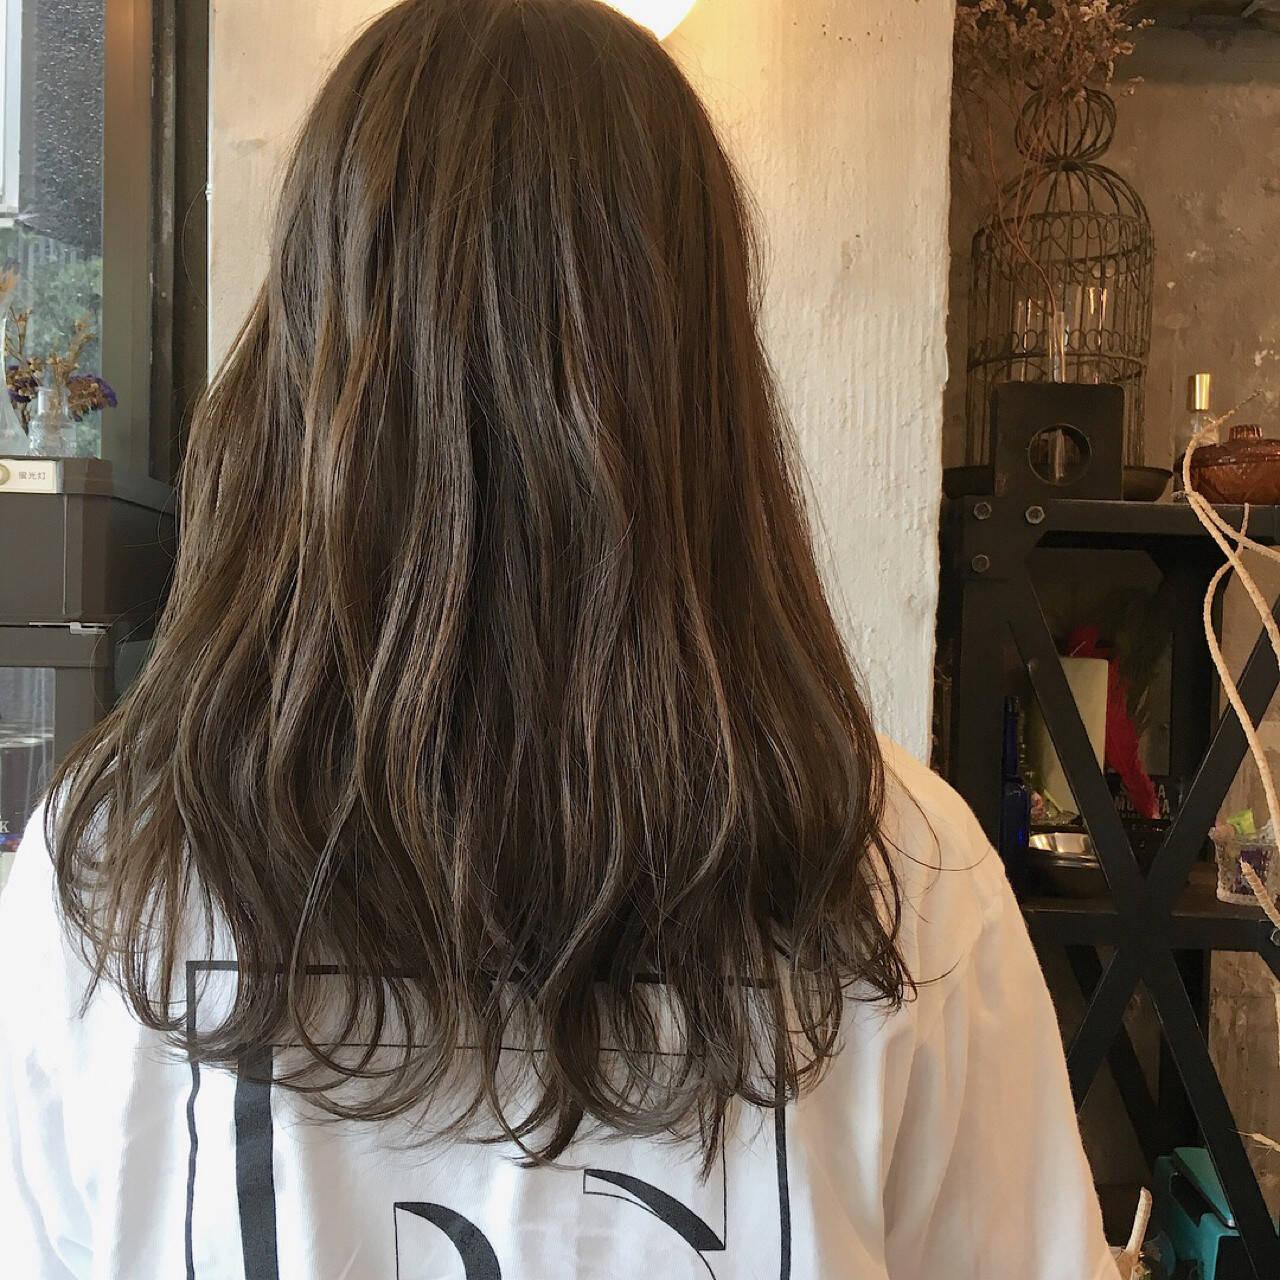 セミロング ウェーブ 透明感 アウトドアヘアスタイルや髪型の写真・画像